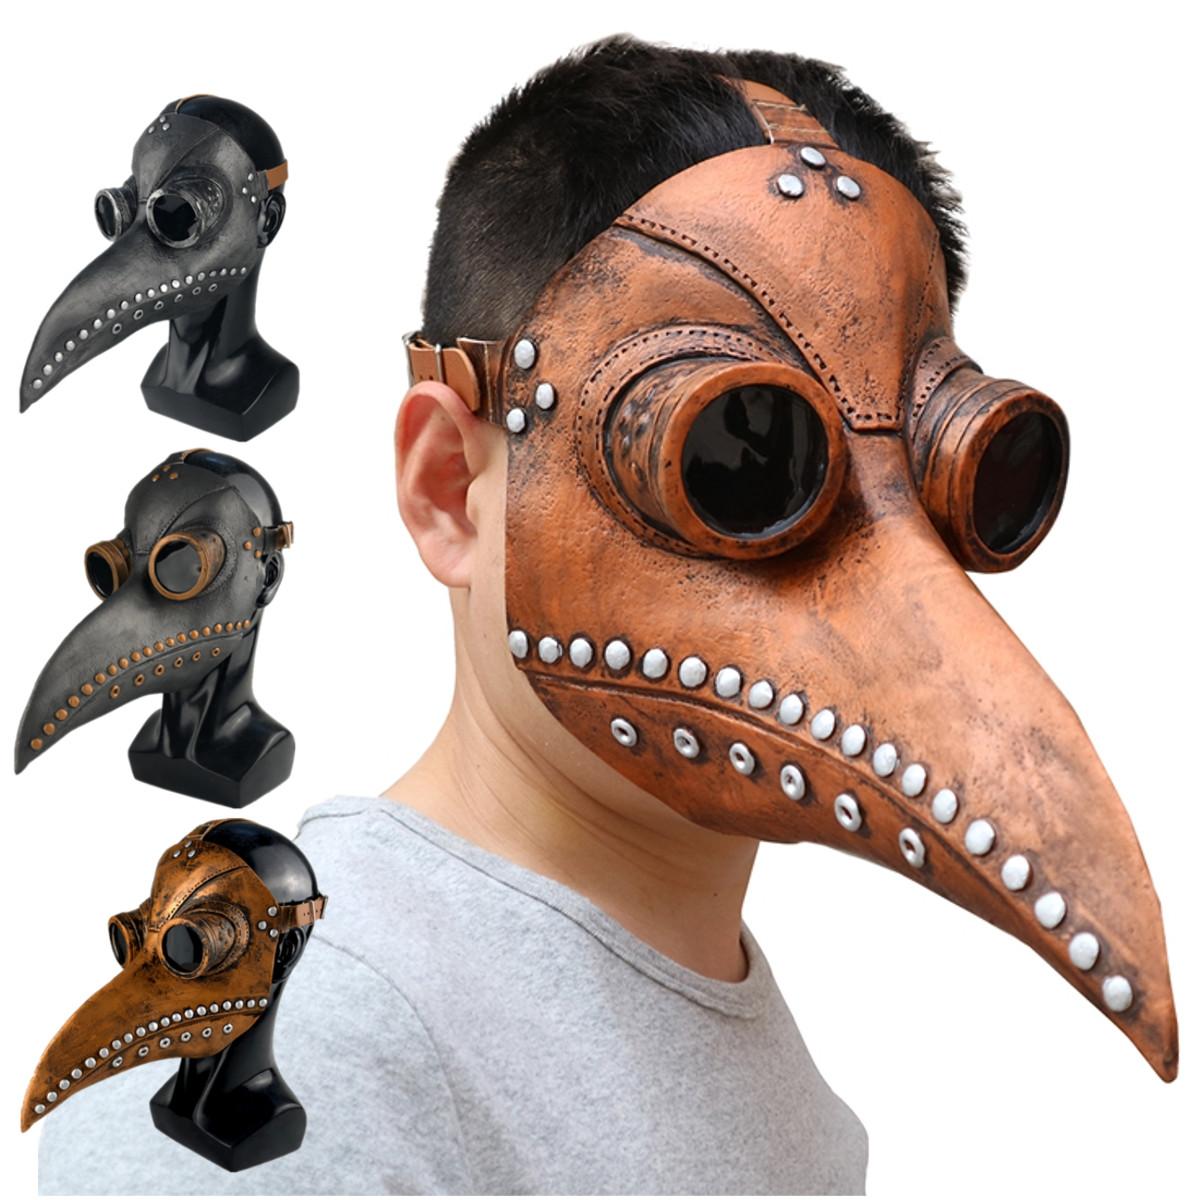 Хэллоуин косплей стимпанк чума доктор Маска птица клюв реквизит ретр готика Маскаs - фото c551da5e-1615-4a43-b8fe-95371754f235.jpg